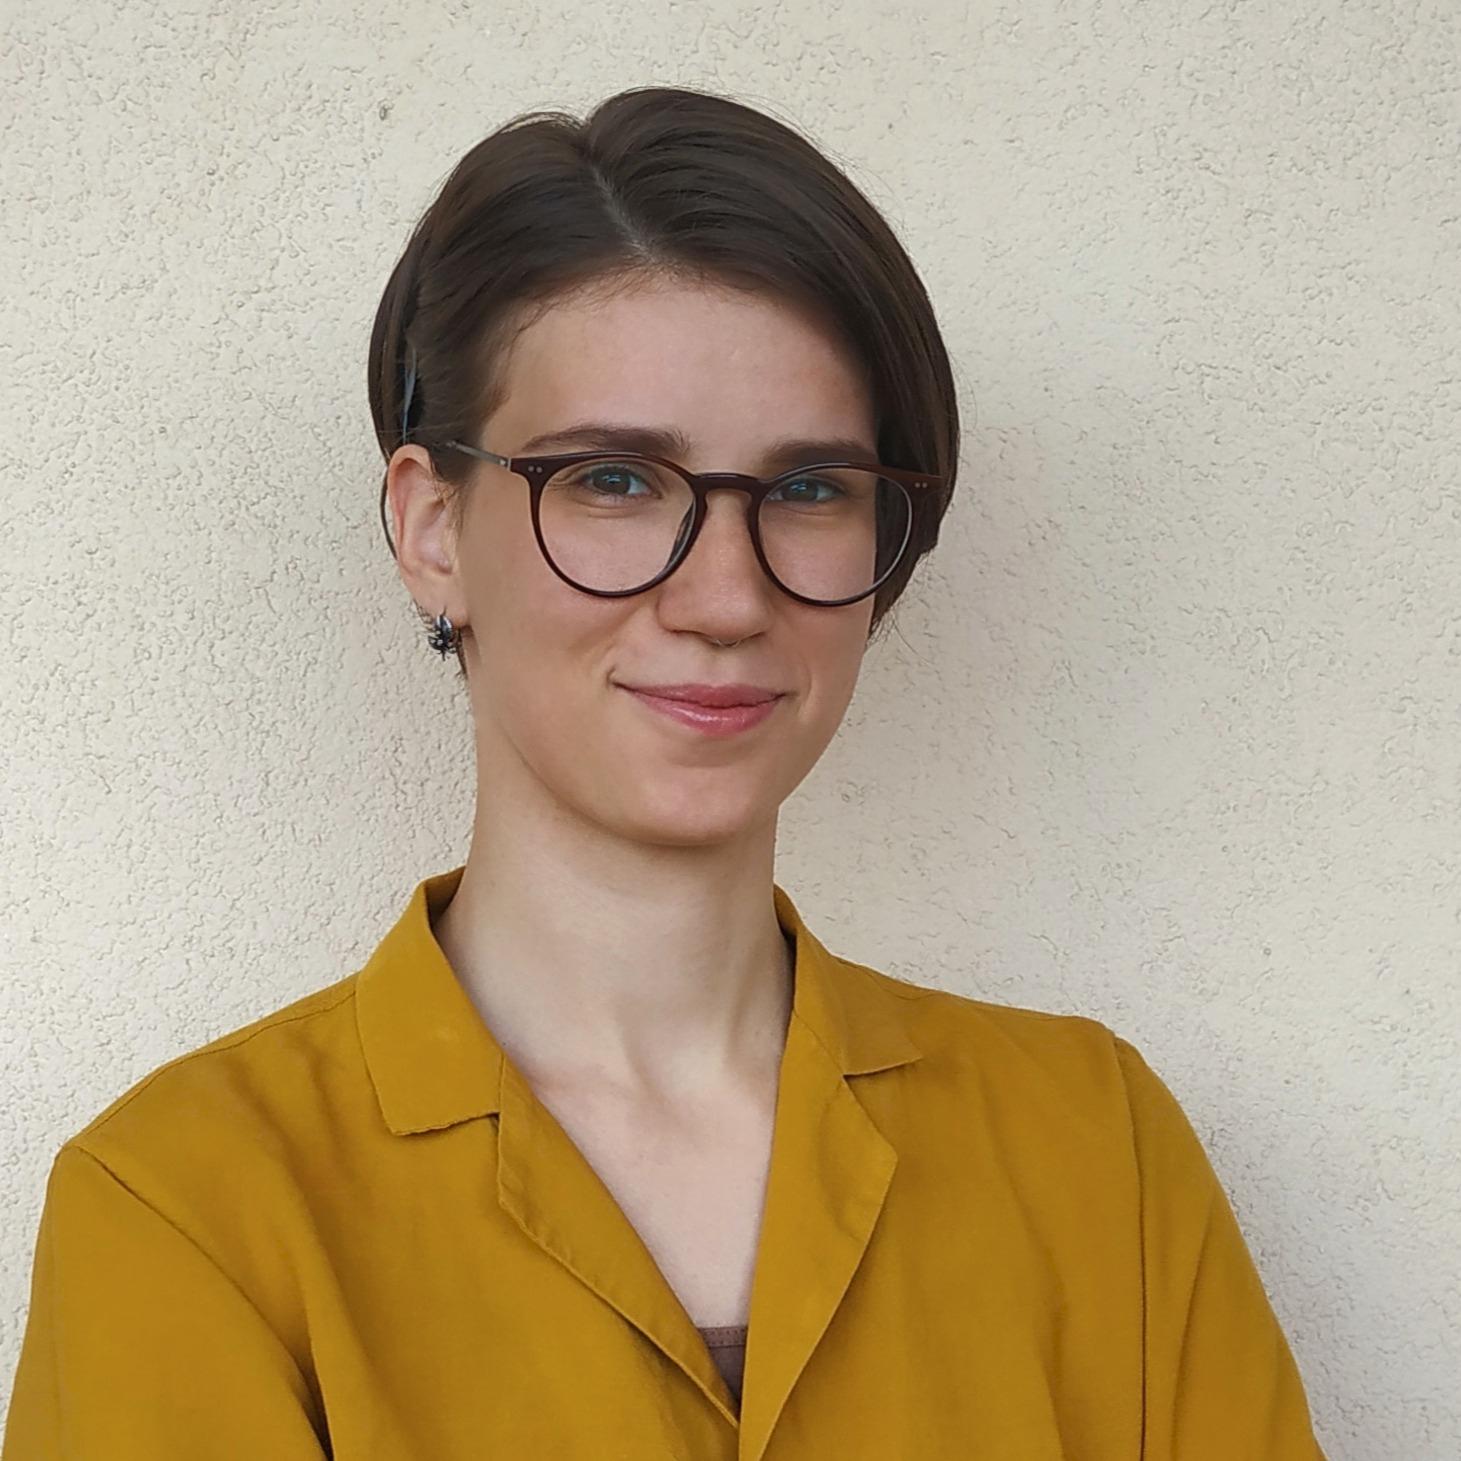 Yana Stepaniuk CV Photo_cropped